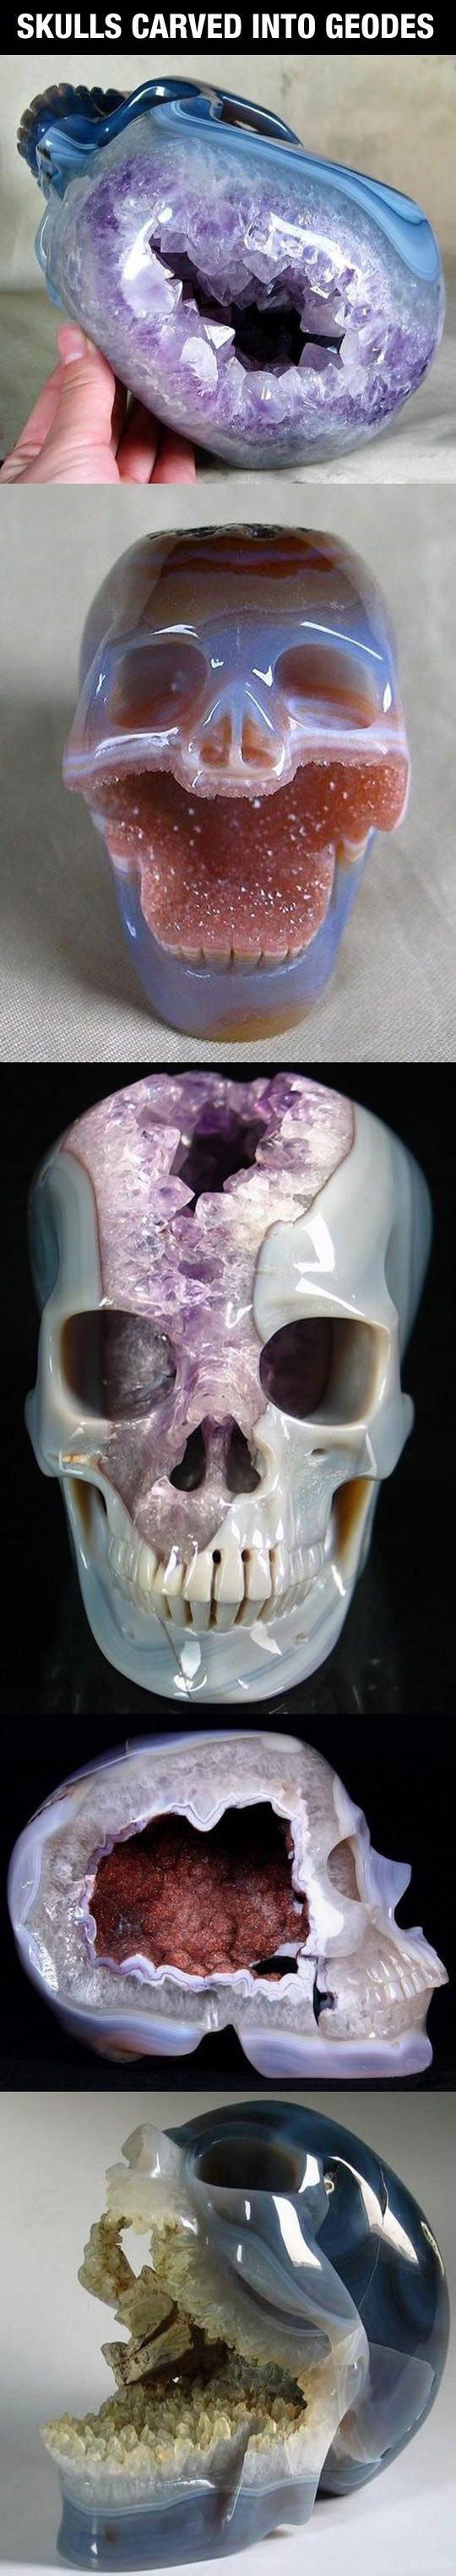 funny-geode-skulls-stone-sculpture